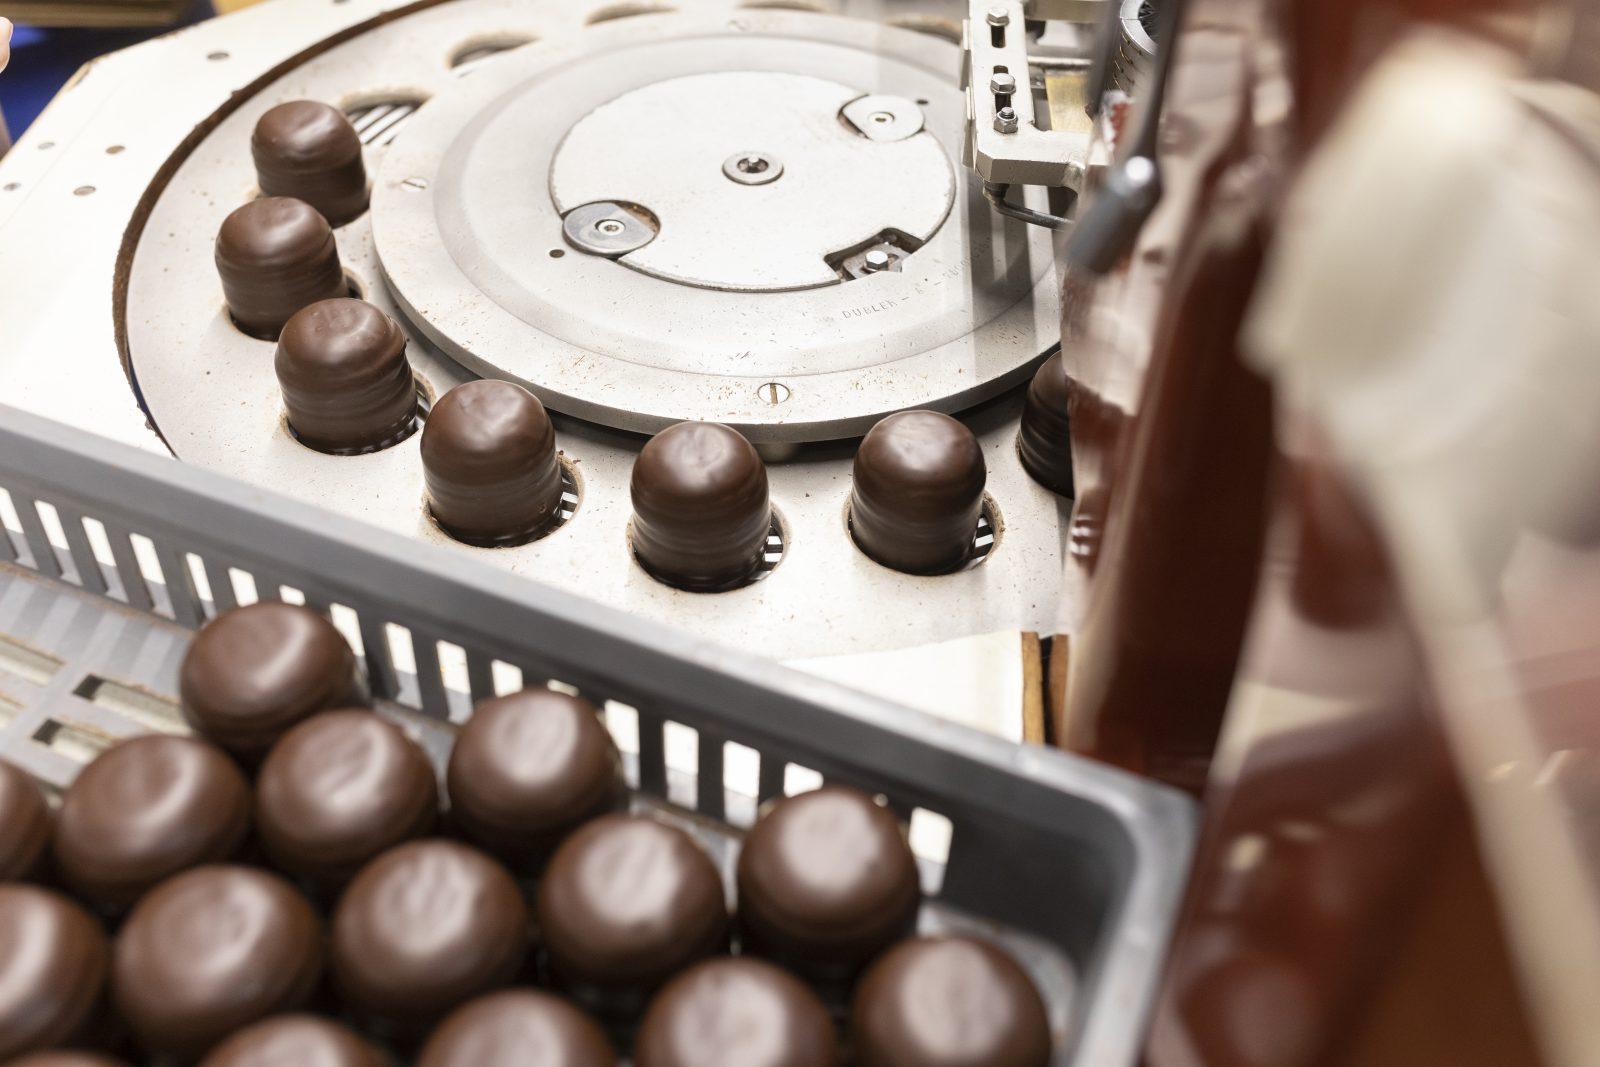 Produktion von Dubler Mohrenköpfen Foto: picture alliance/KEYSTONE